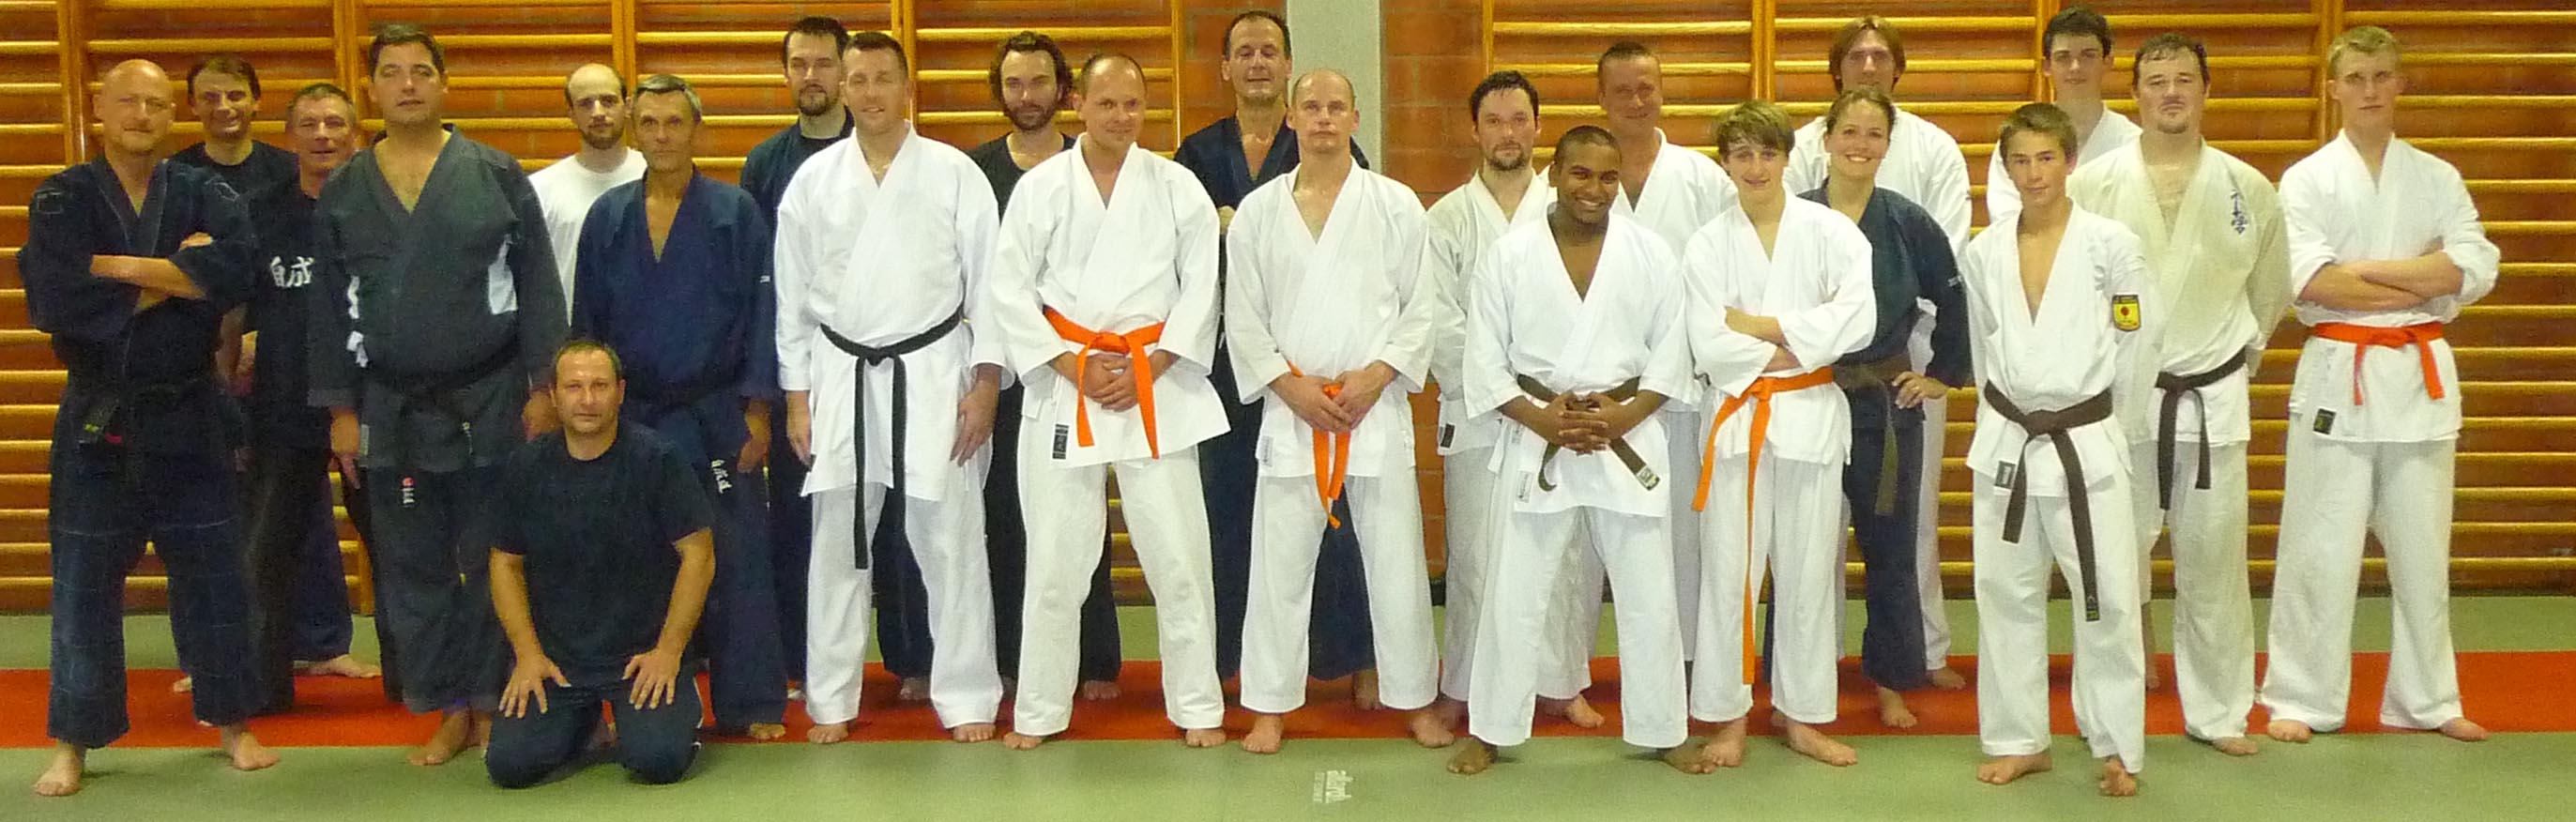 Journée Jiseidô 2011